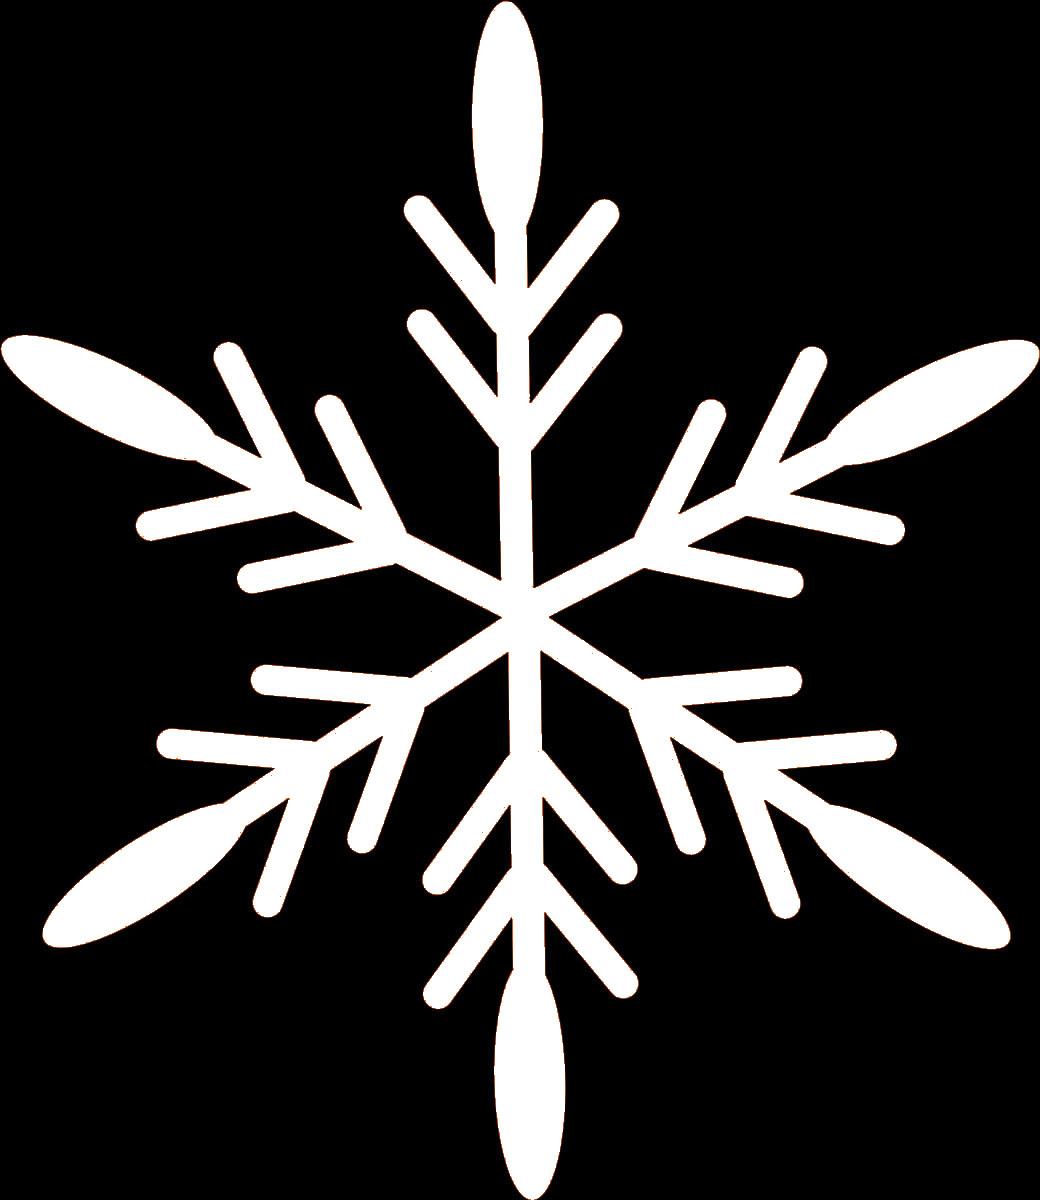 Наклейка автомобильная Оранжевый слоник Снежинка 6, виниловая, цвет: белыйFS-80423Оригинальная наклейка Оранжевый слоник Снежинка 6 изготовлена из высококачественной виниловой пленки, которая выполняет не только декоративную функцию, но и защищает кузов автомобиля от небольших механических повреждений, либо скрывает уже существующие.Виниловые наклейки на автомобиль - это не только красиво, но еще и быстро! Всего за несколько минут вы можете полностью преобразить свой автомобиль, сделать его ярким, необычным, особенным и неповторимым!